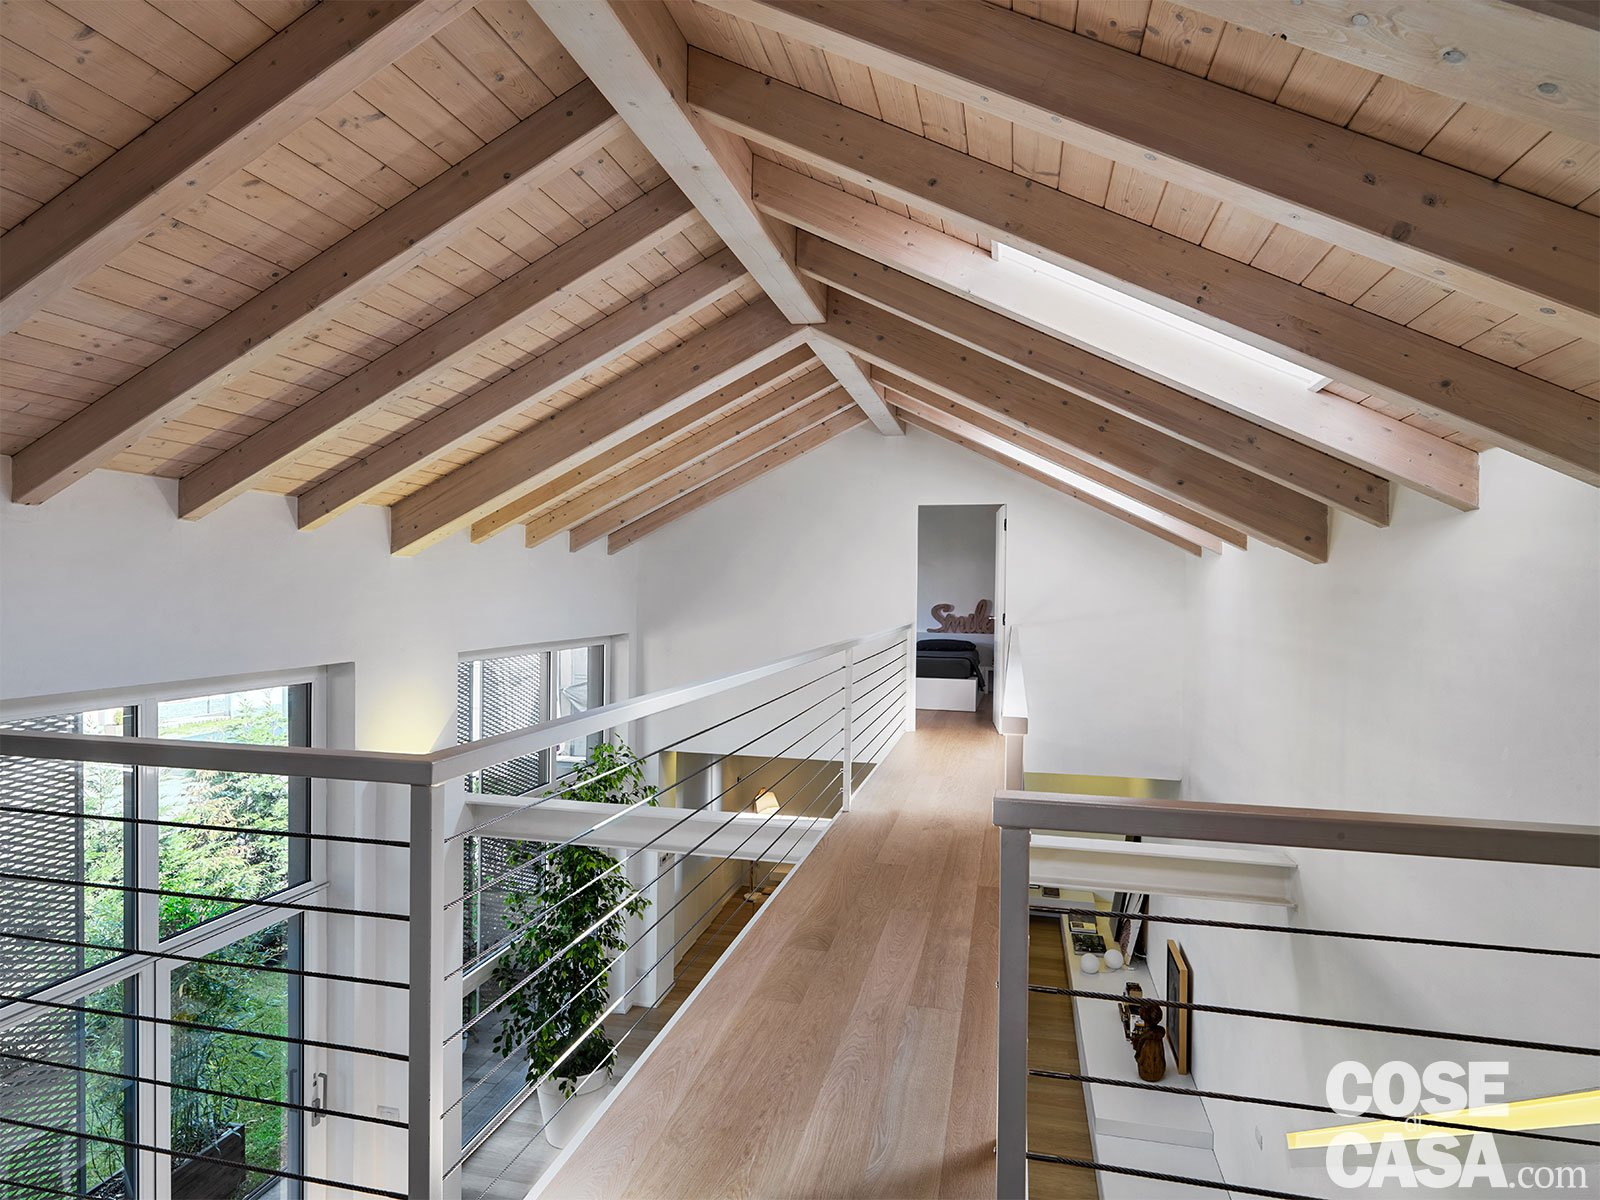 Loft una casa sottotetto a doppia altezza cose di casa for Piccole planimetrie della casa con soppalco